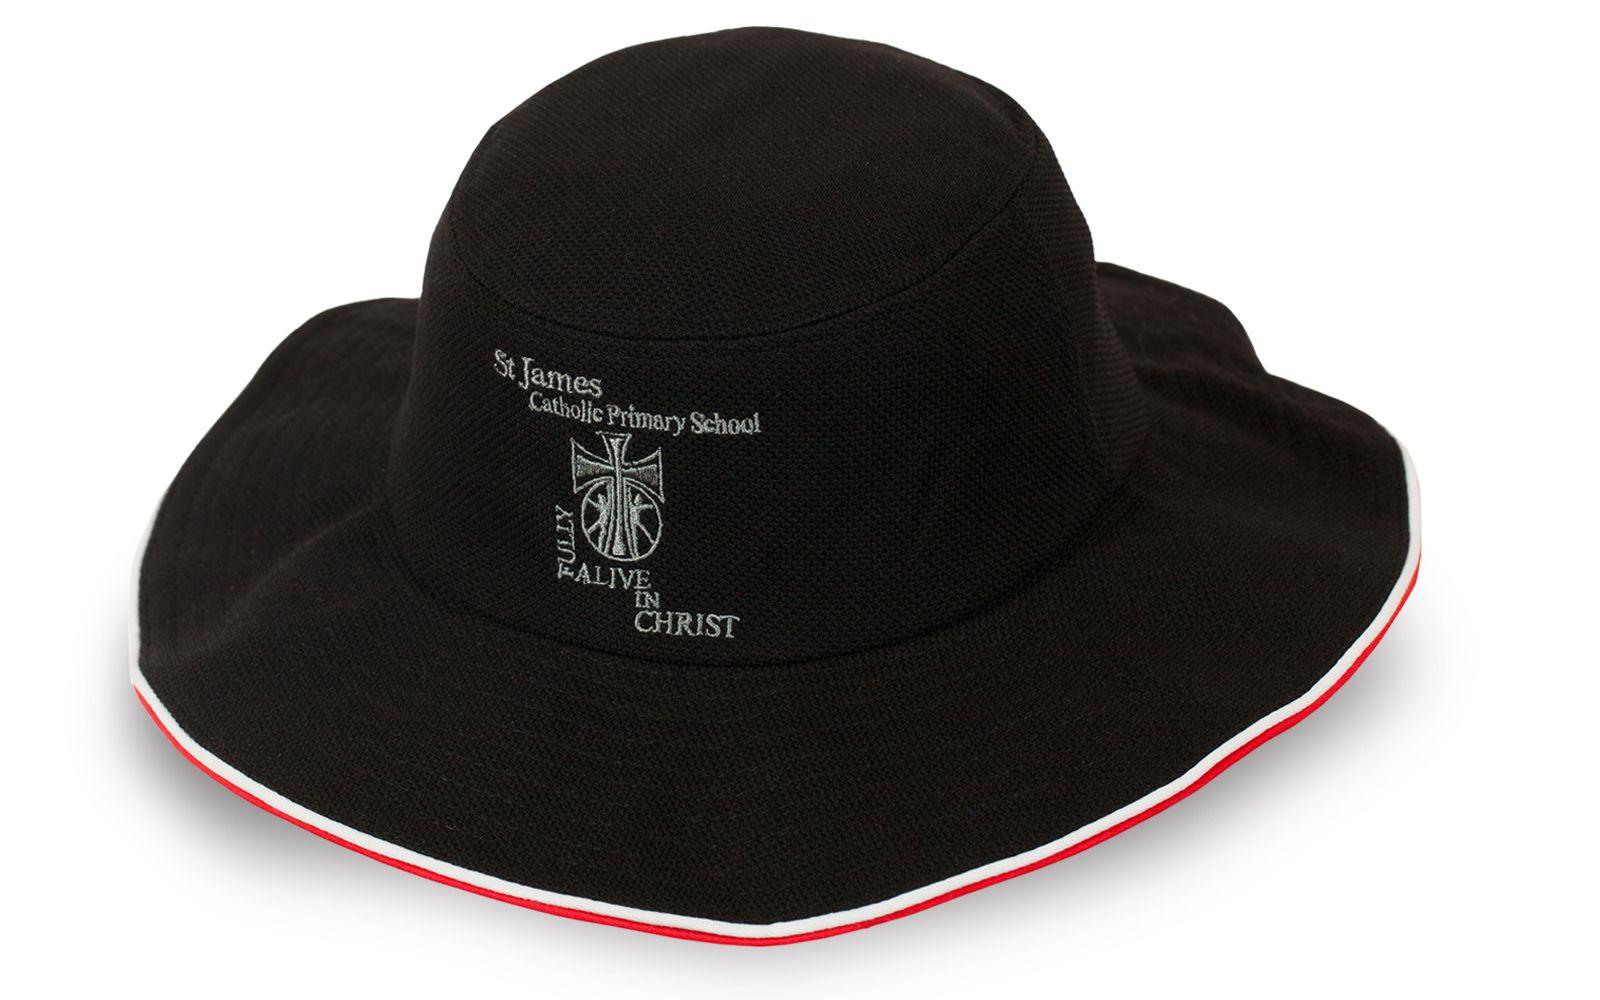 Мужская шляпа для пеших походов - купить выгодно с доставкой